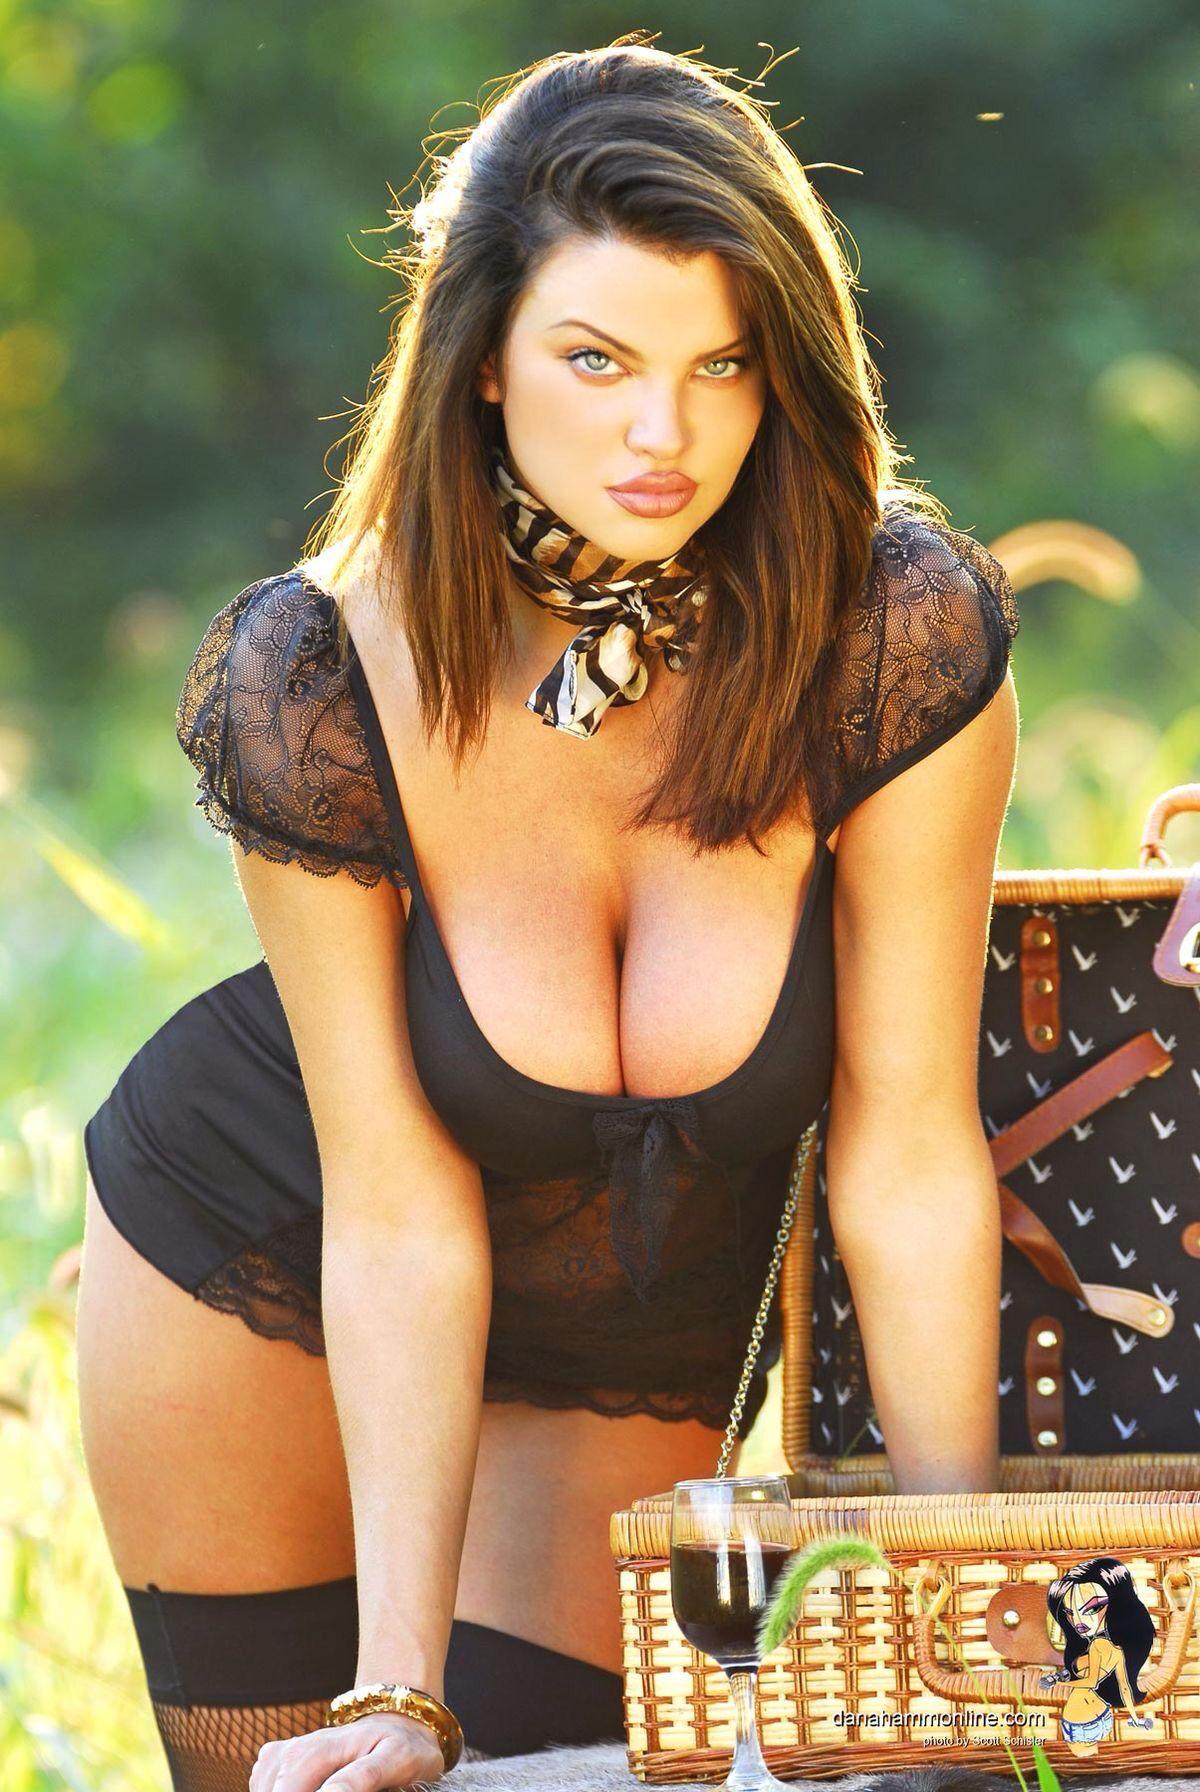 Dana hamm nude pics